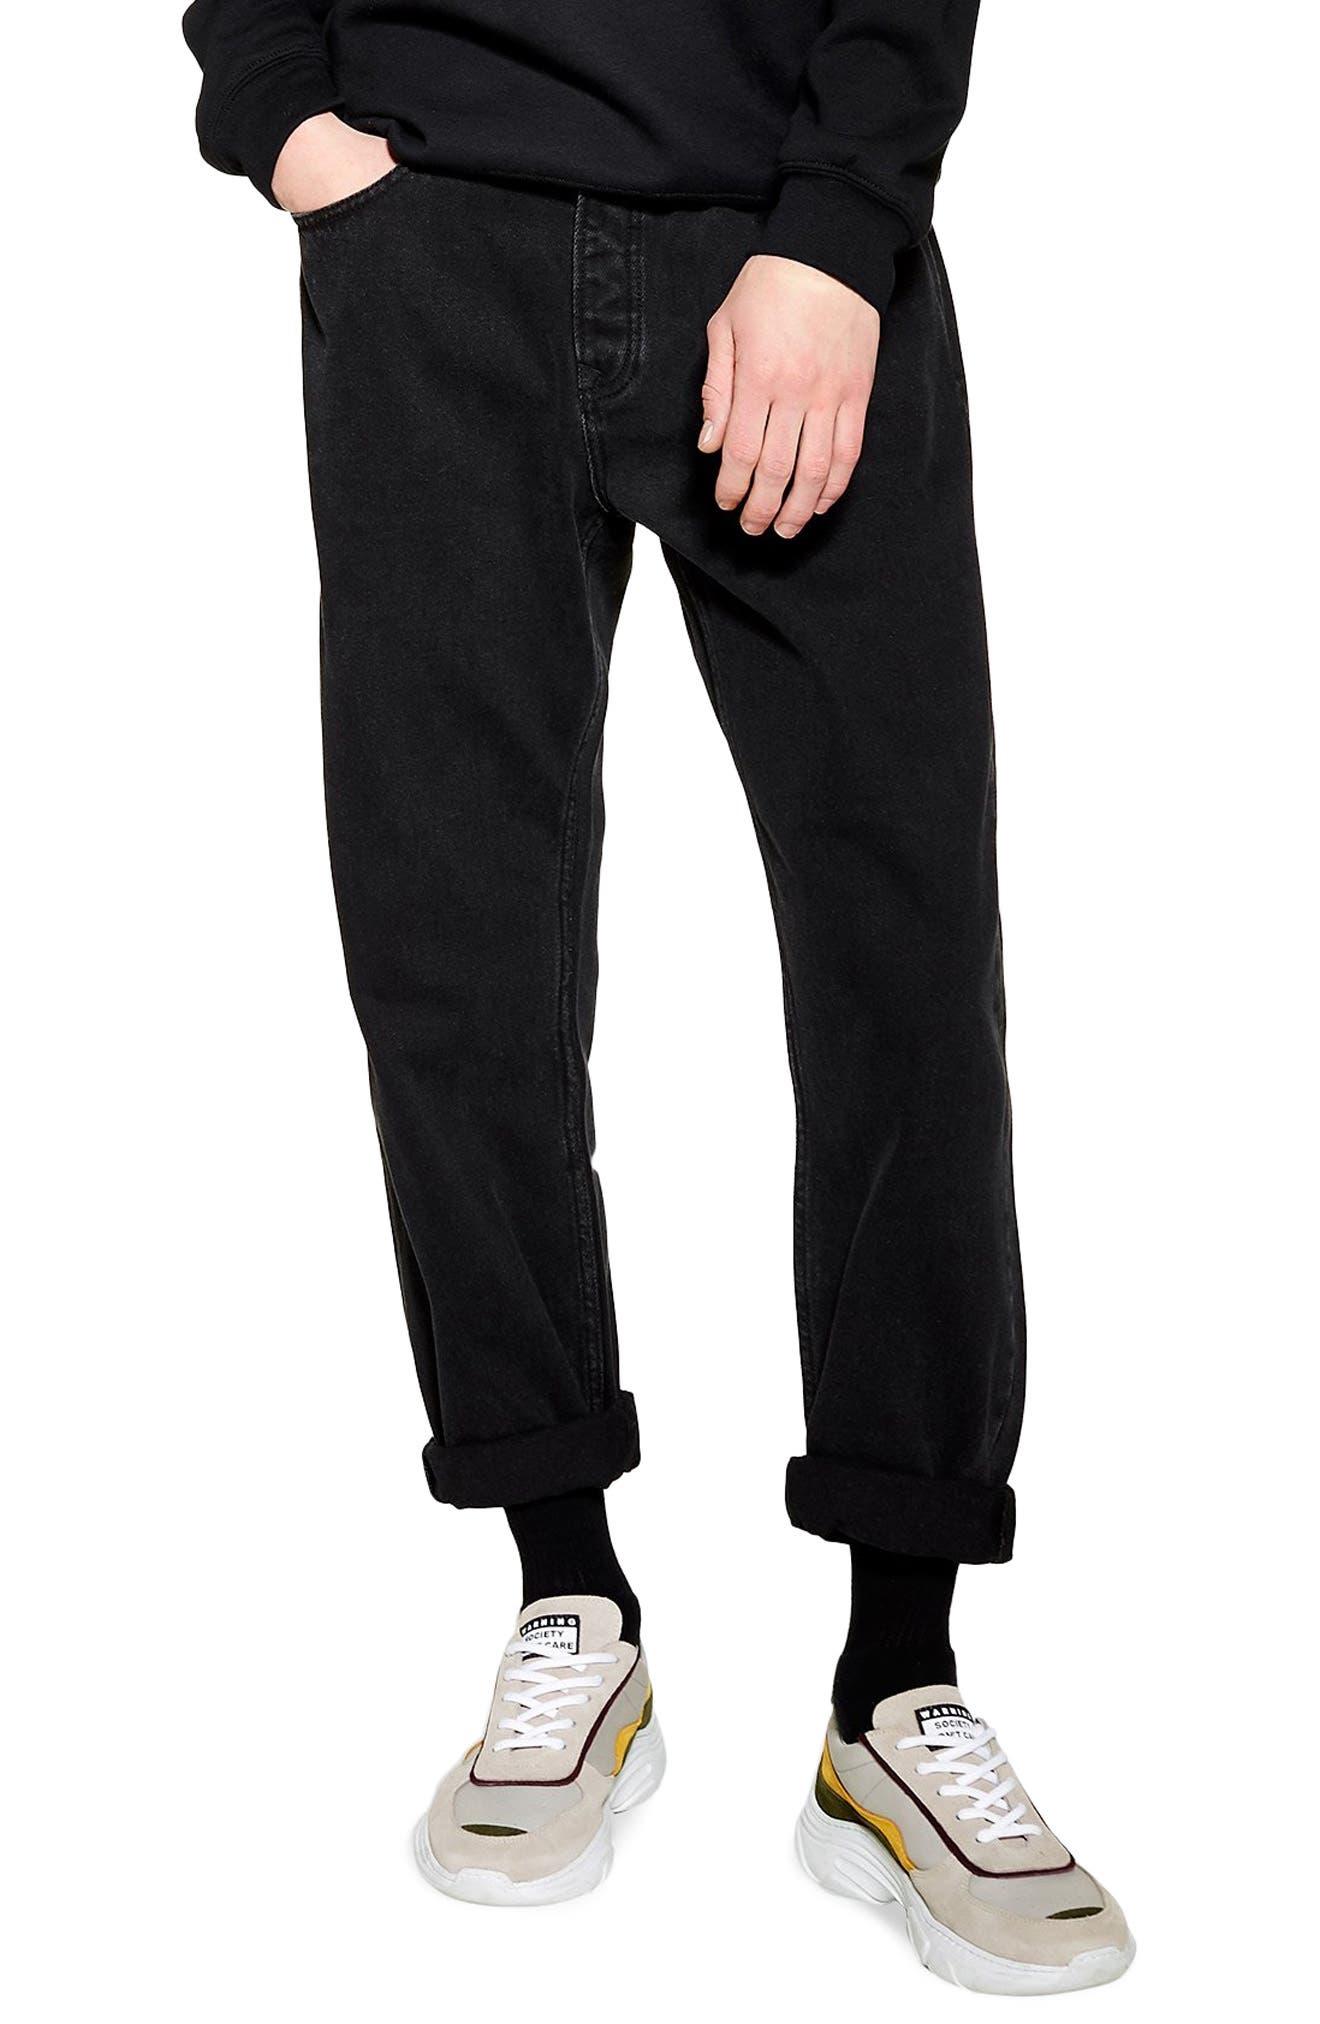 TOPMAN Larry Original Fit Jeans, Main, color, BLACK